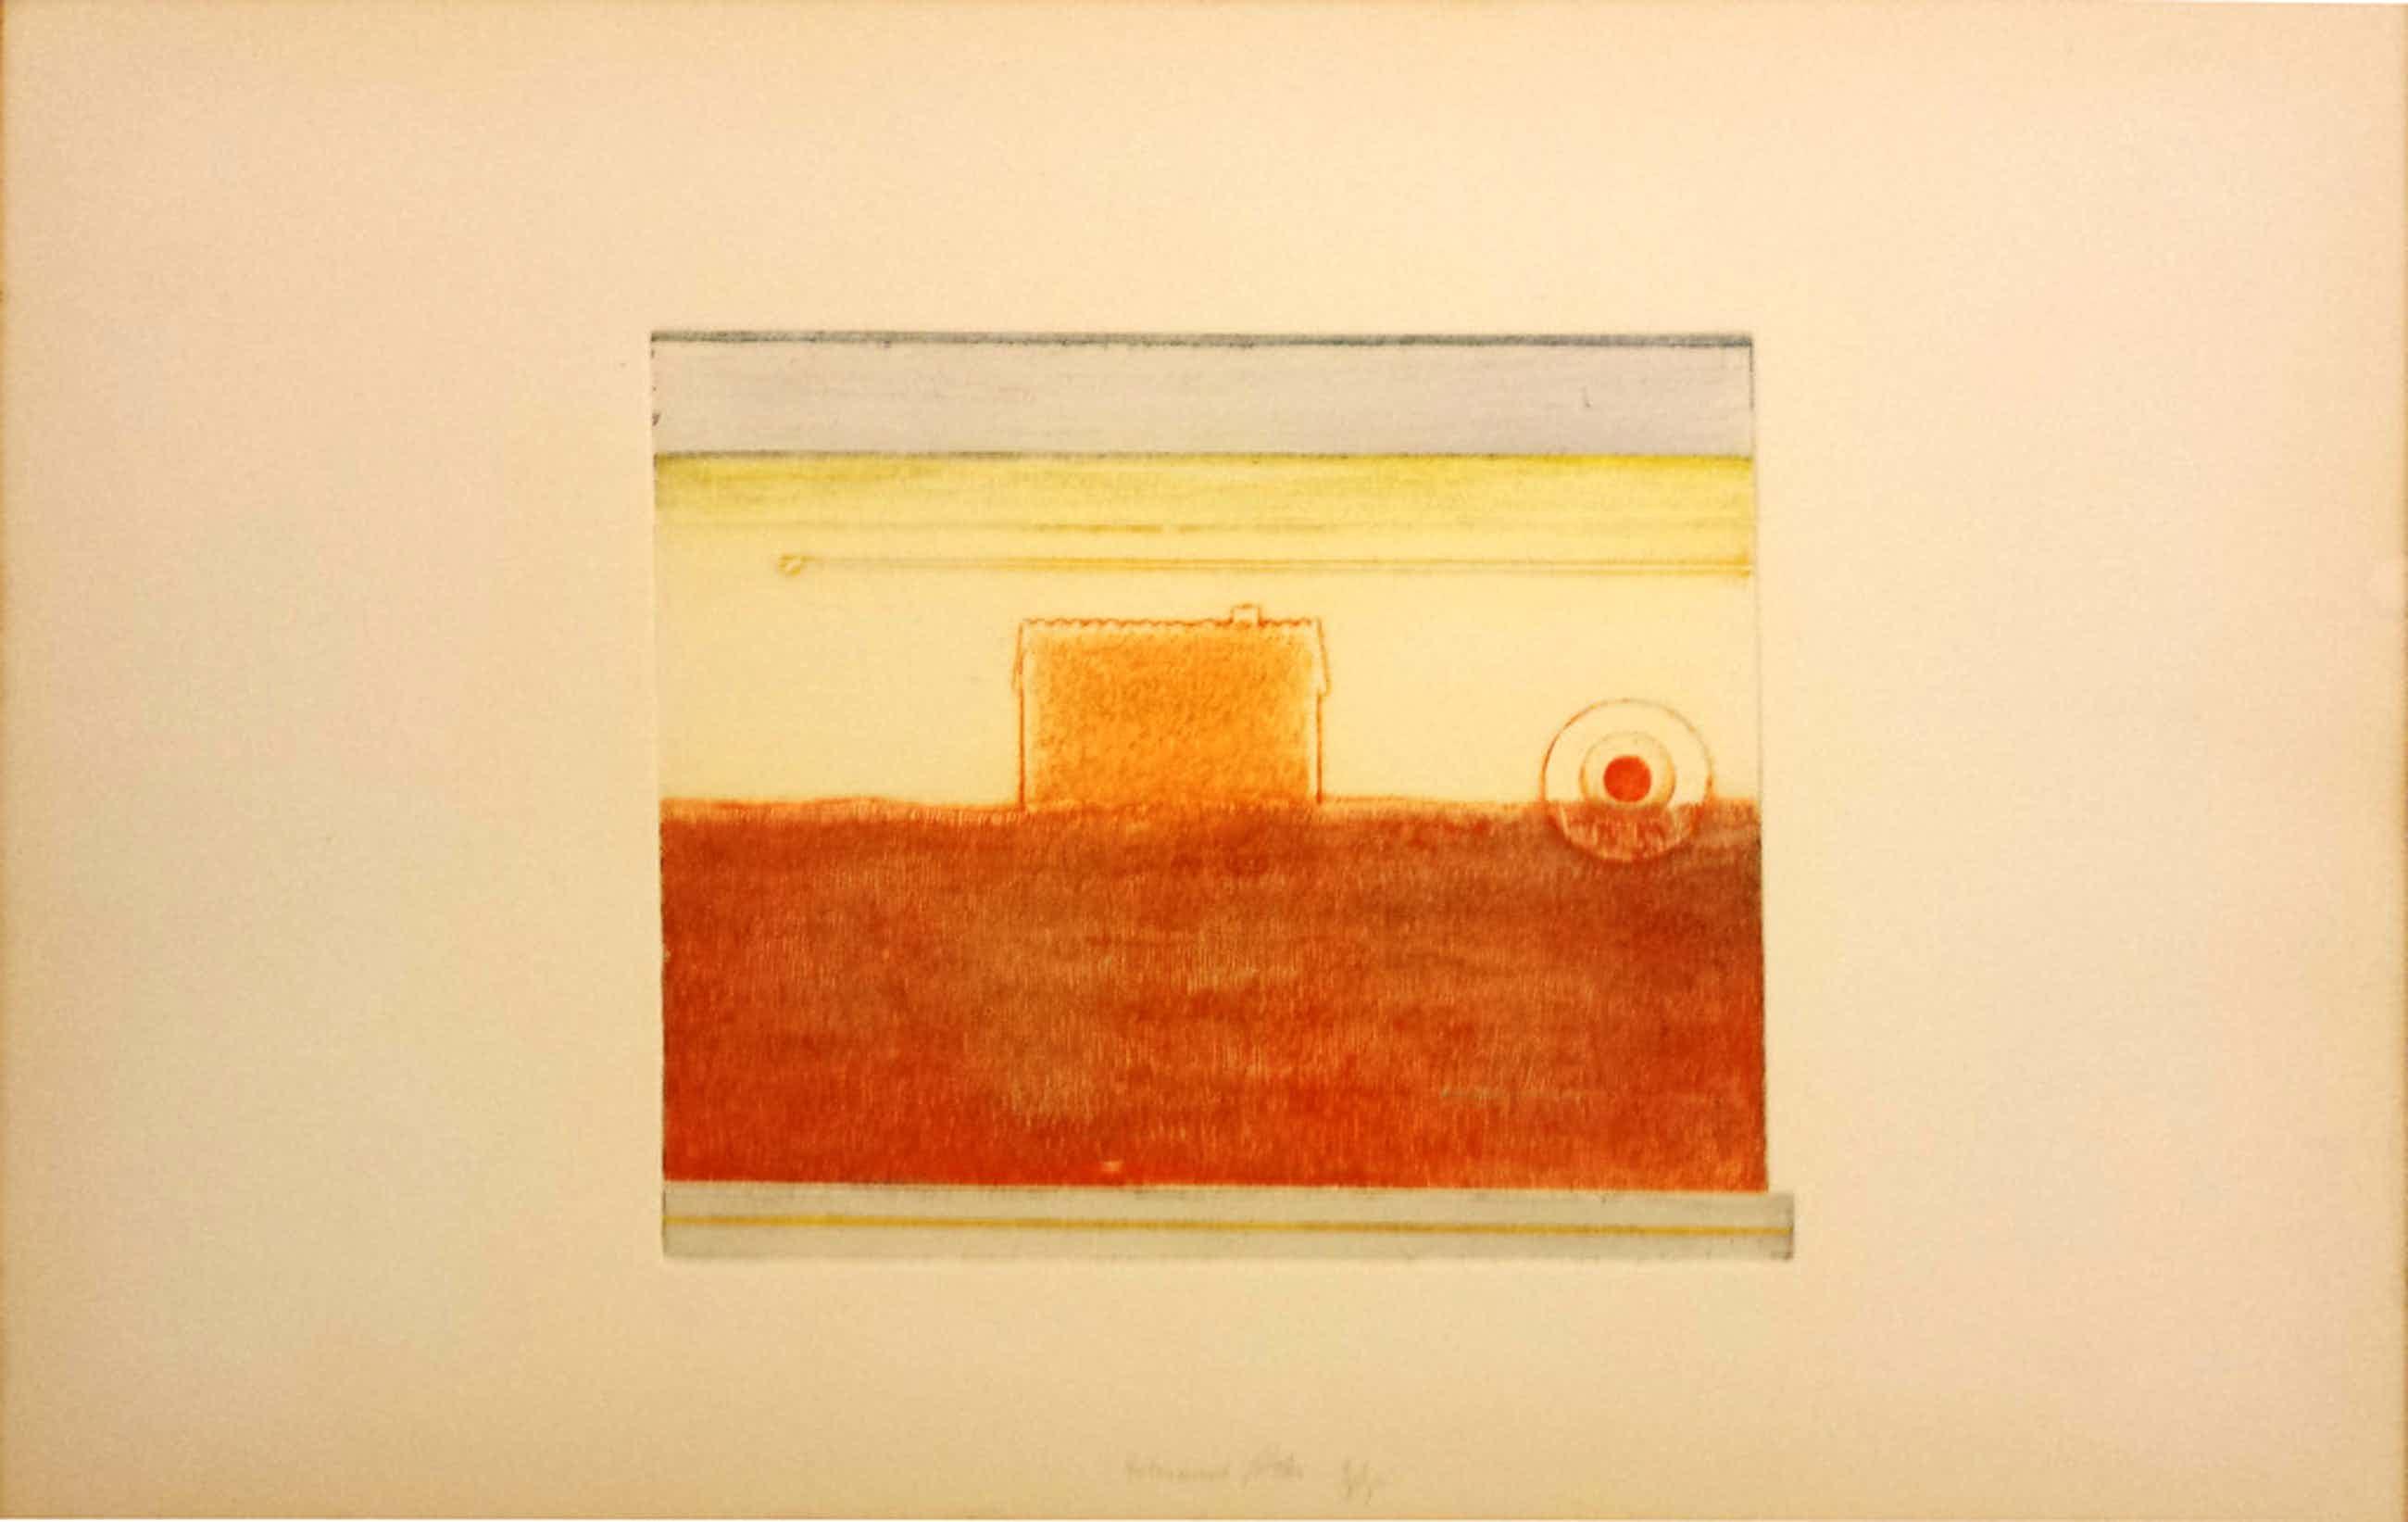 Eduard Flor, Ets nr 5, tijd, 1974 kopen? Bied vanaf 42!